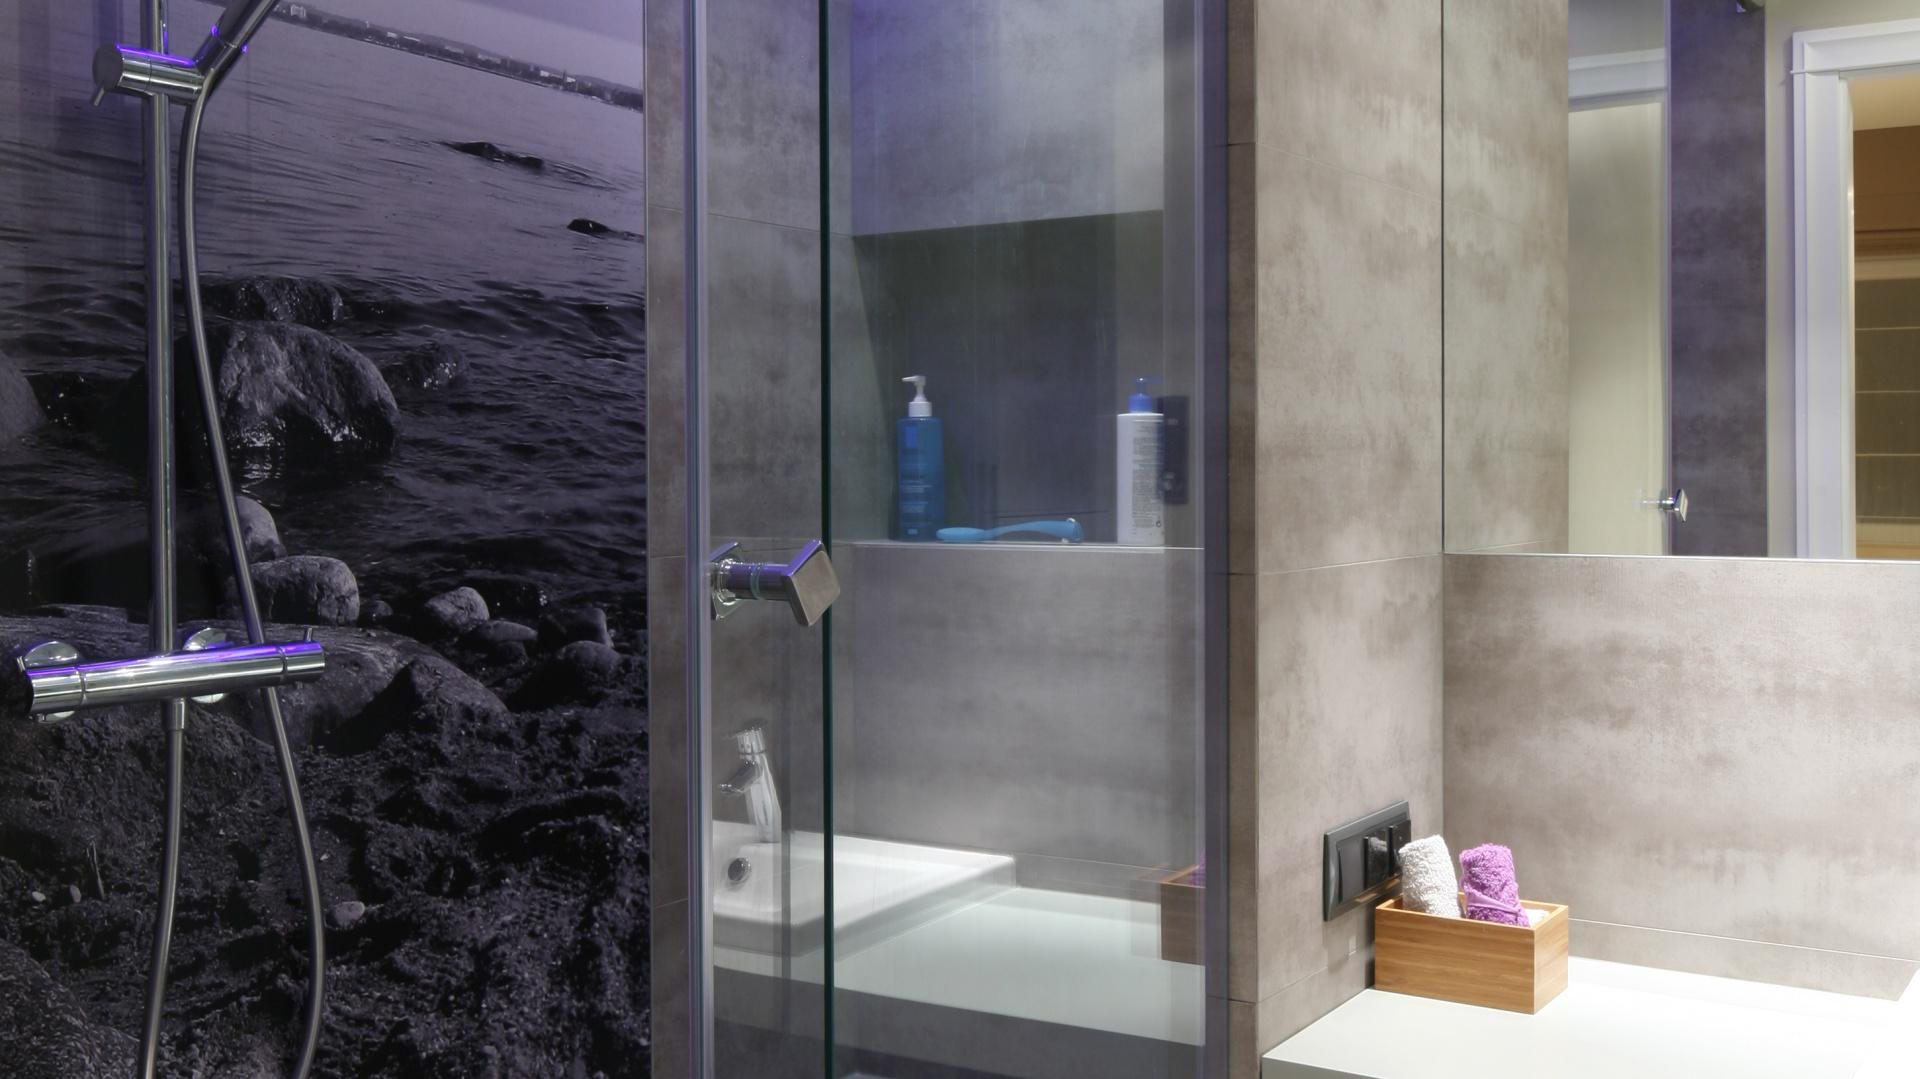 Fototapeta W łazience Modny Pomysł Na Dekorację ściany